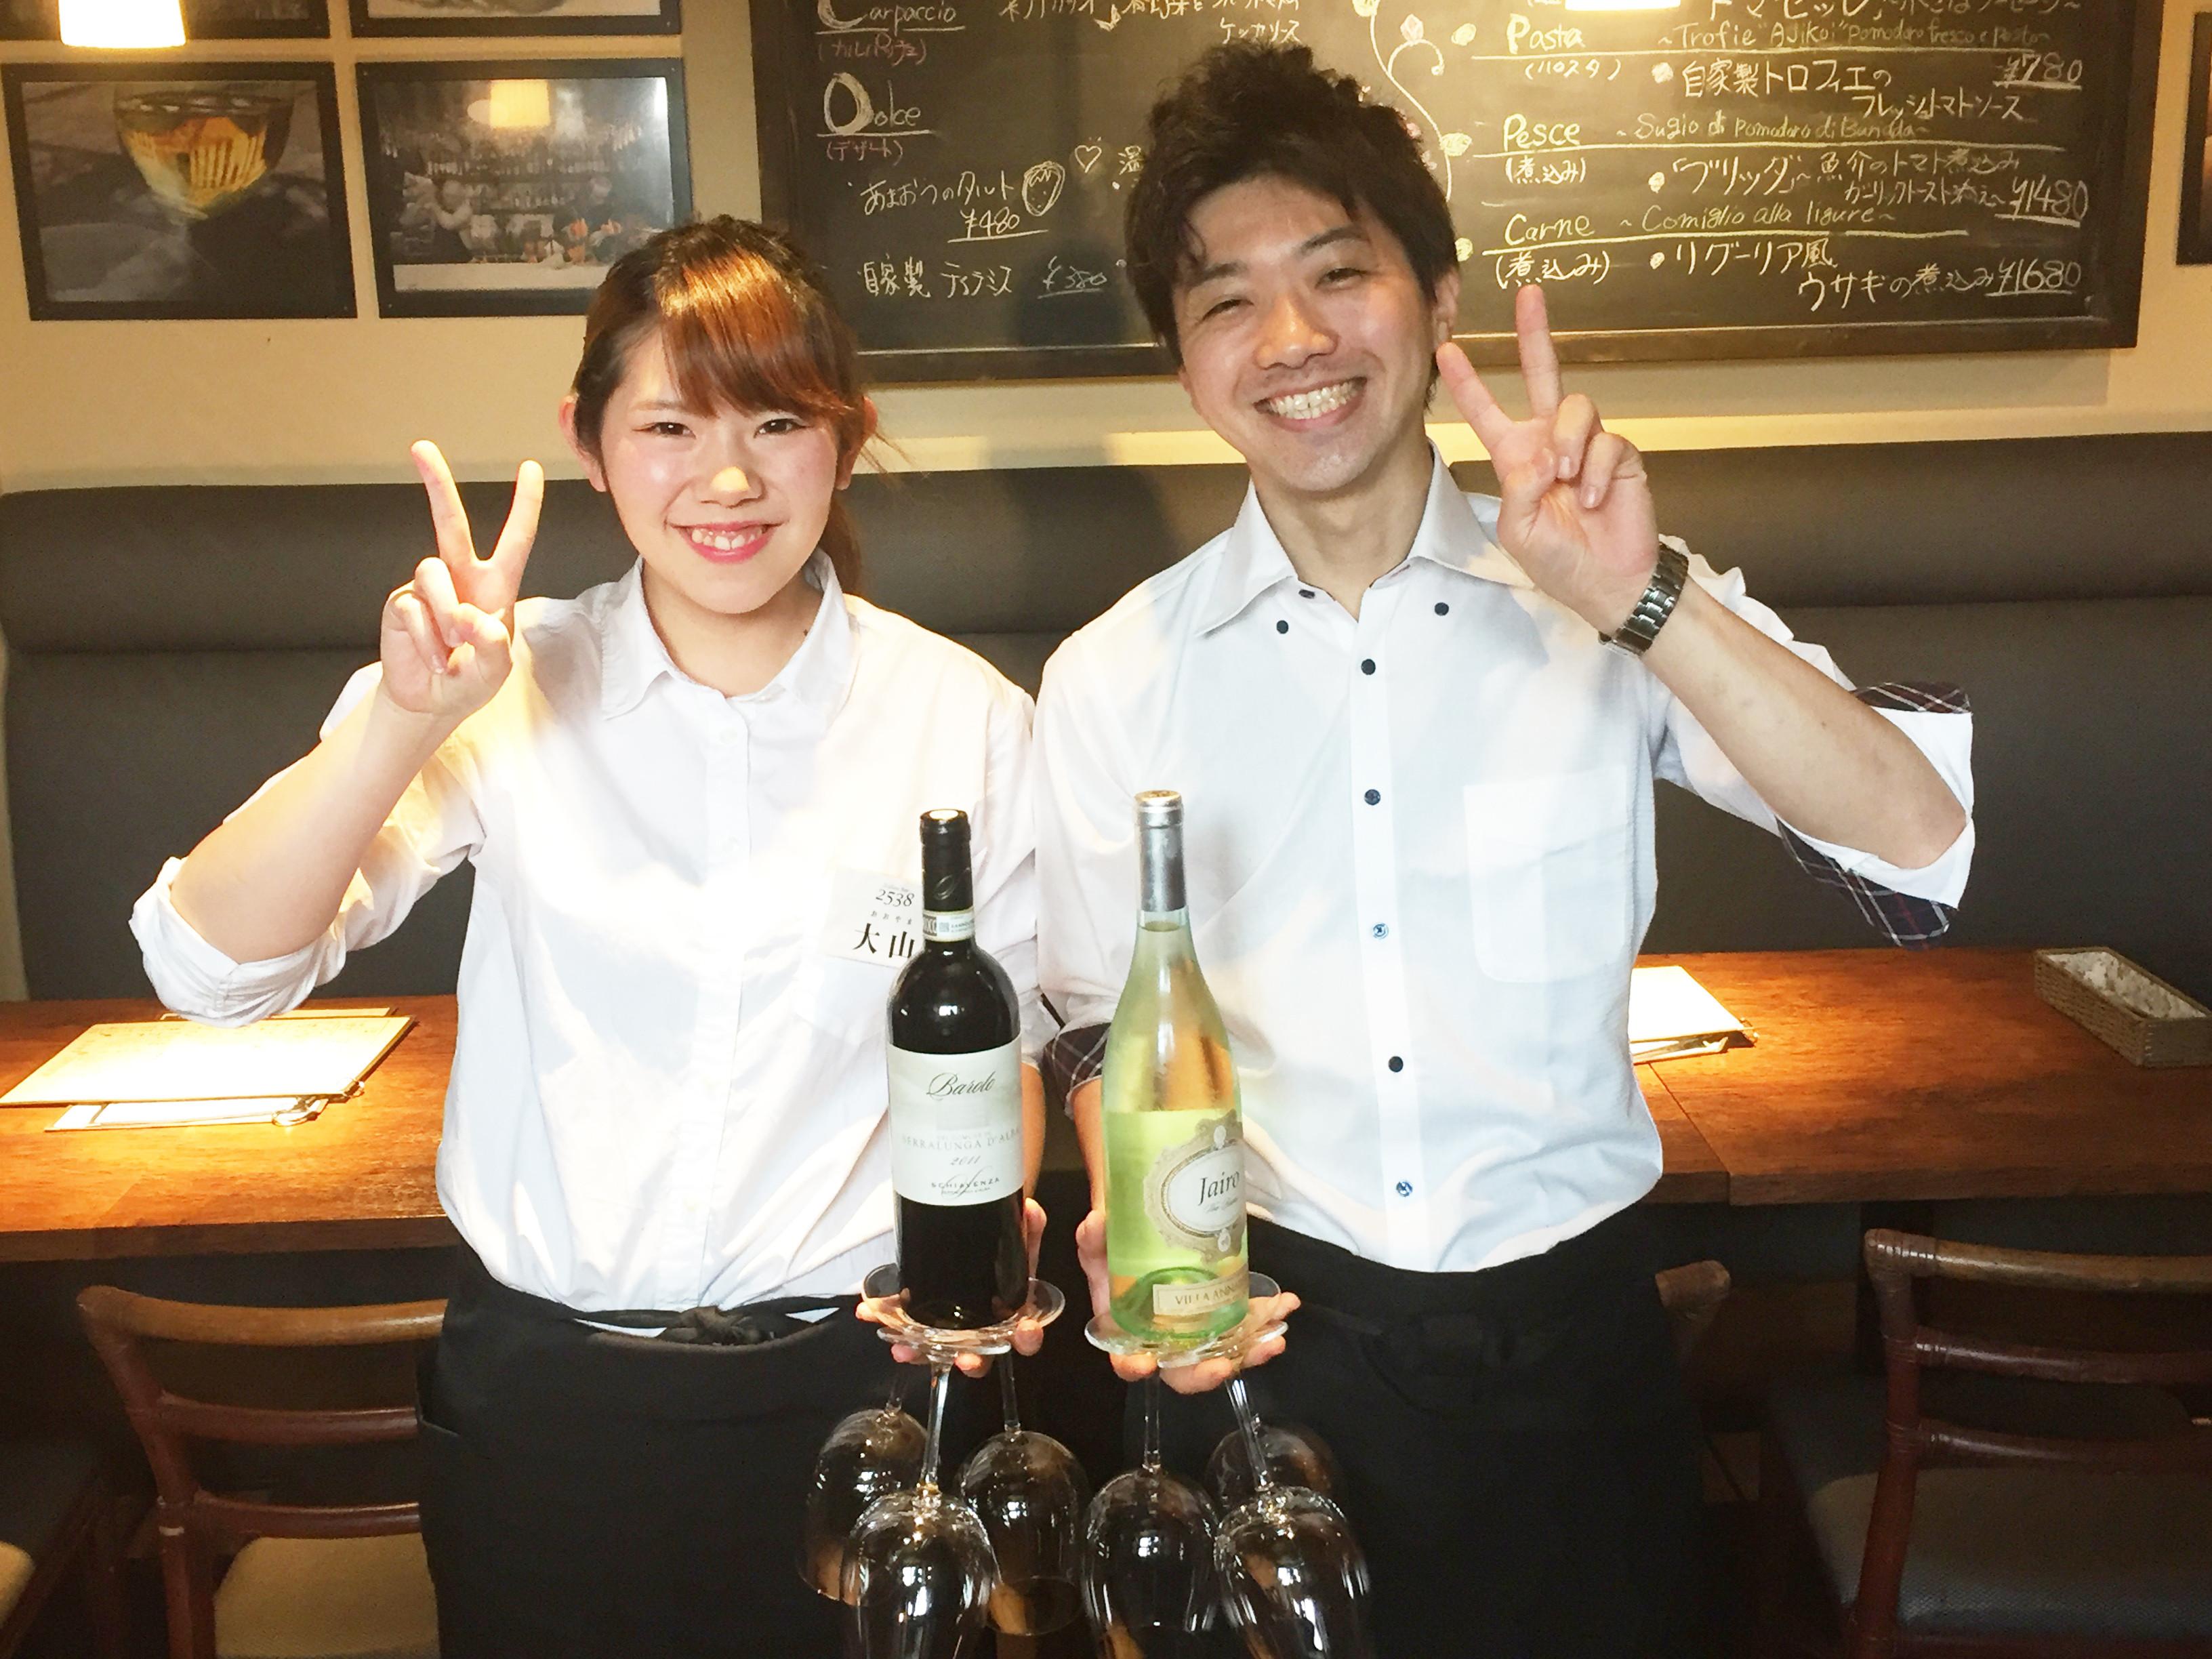 イタリアンバル2538(にこみや) 神田店 のアルバイト情報